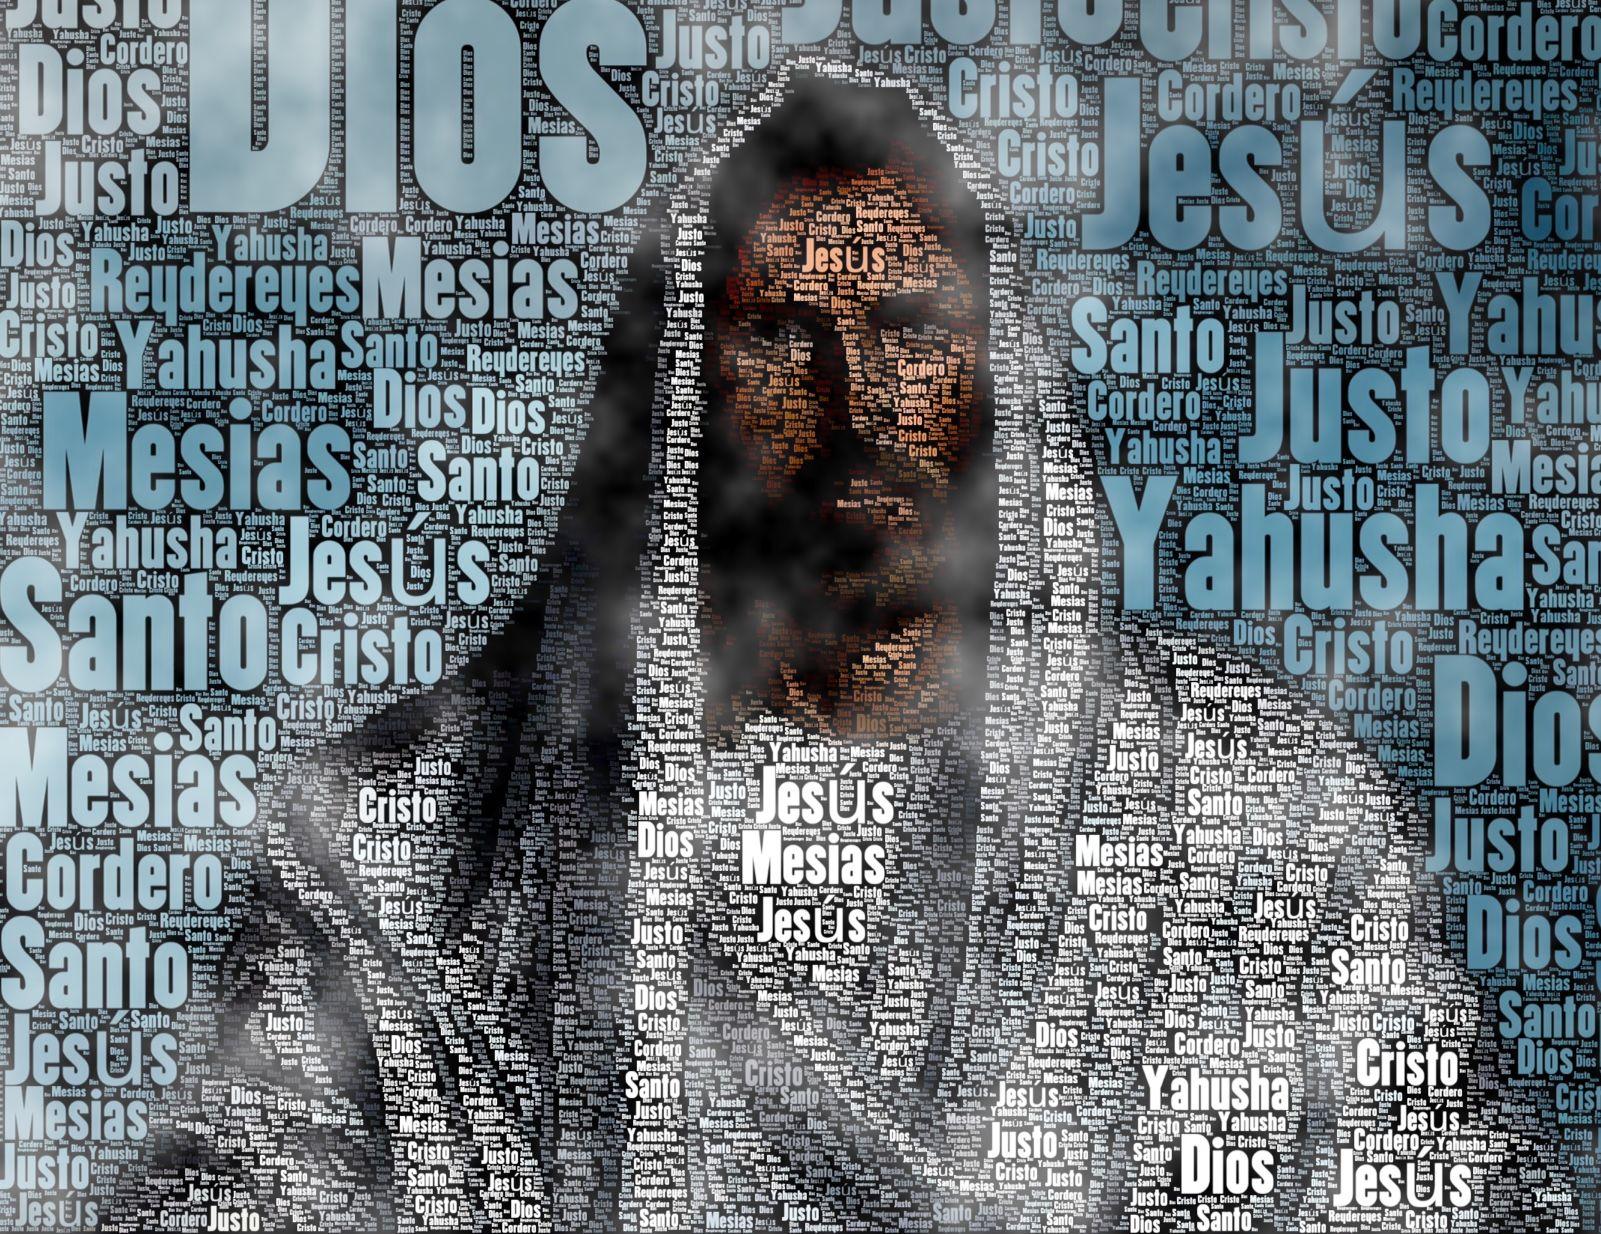 ¿Que Razones hubo para que Dios Planificara la Vida de Jesús sólo hasta los 33 años?